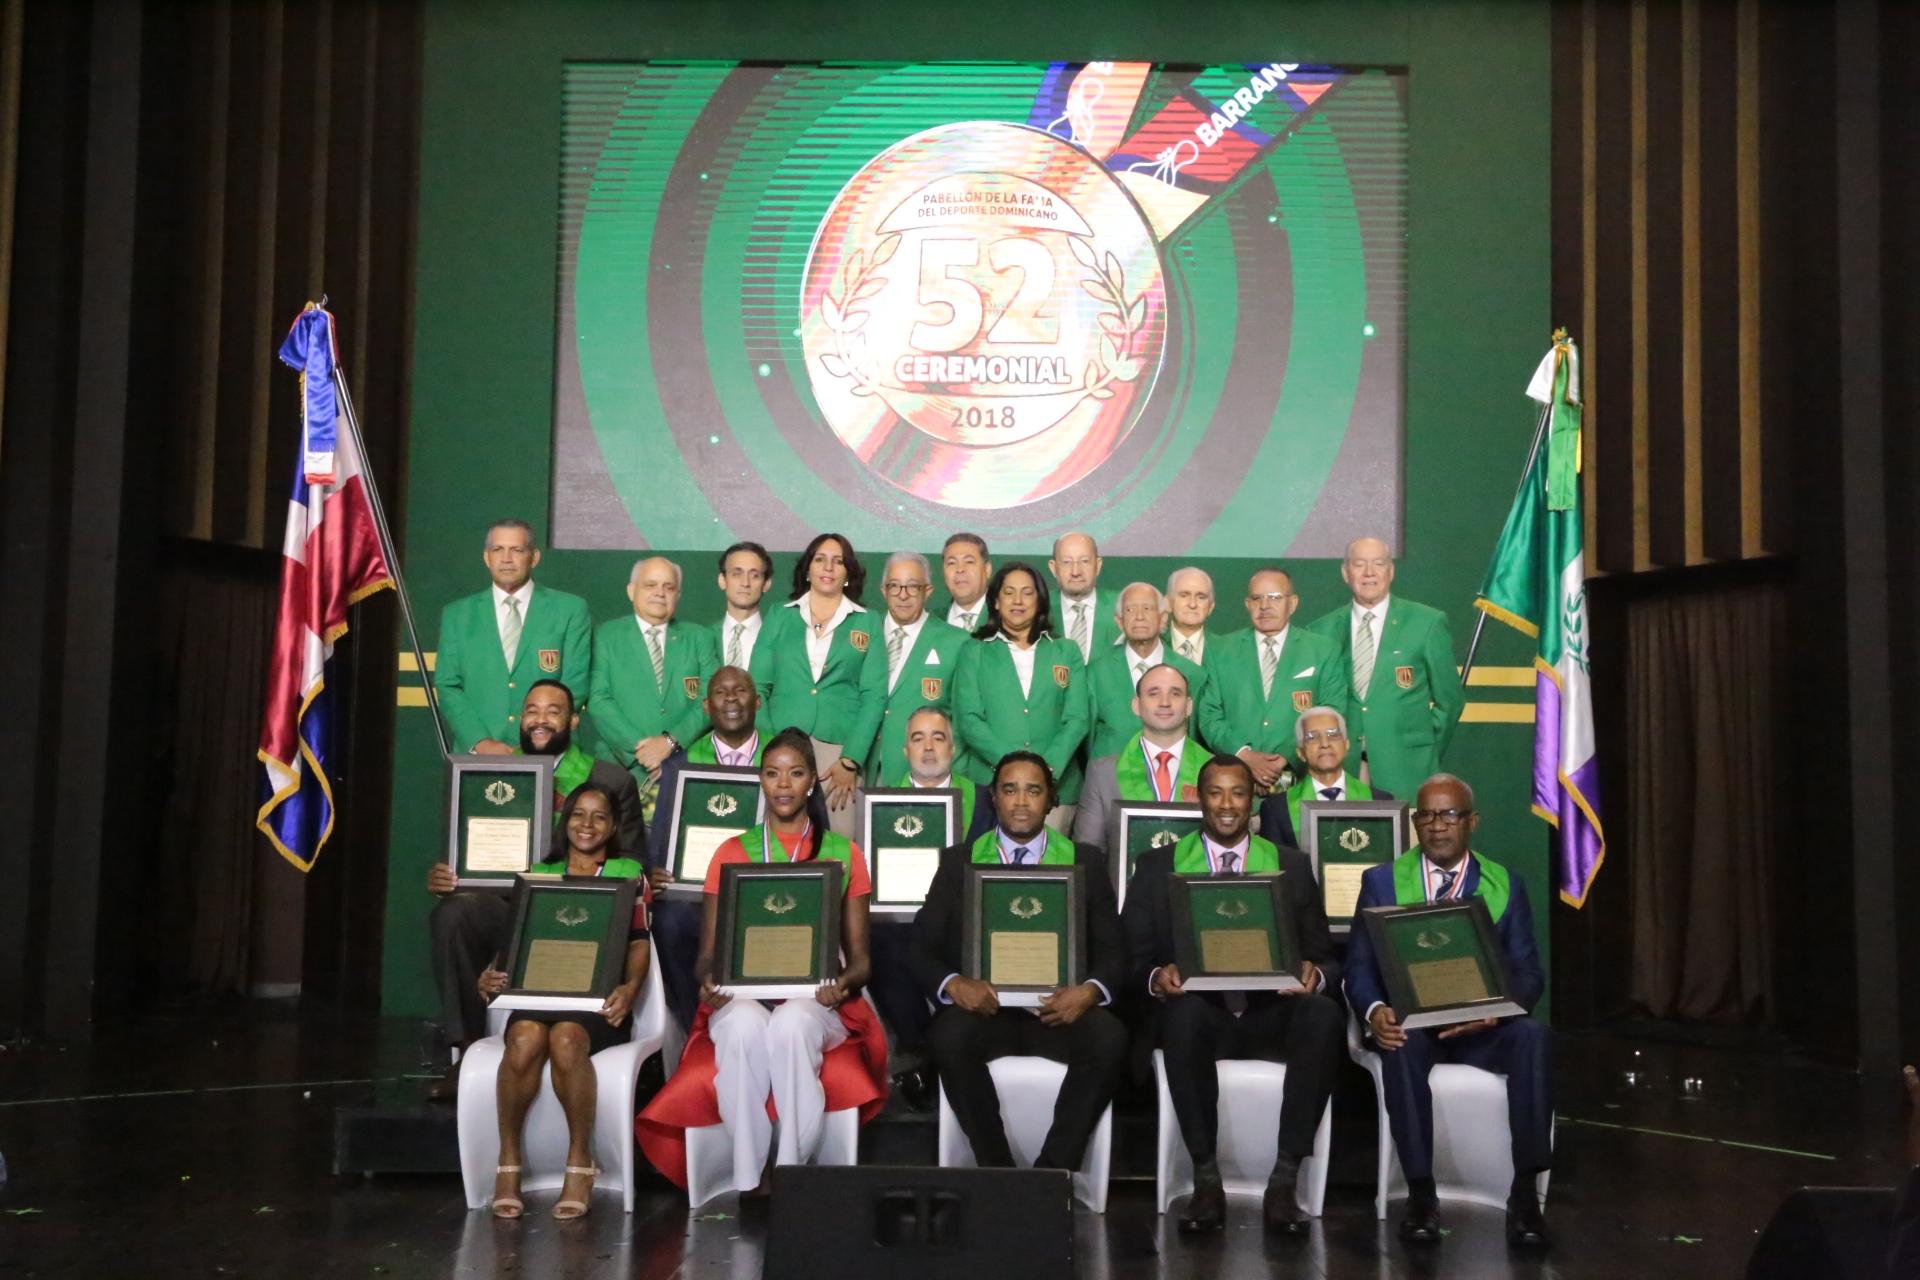 Pabellón de la Fama eterniza  a sushéroes del deporte Dominicano